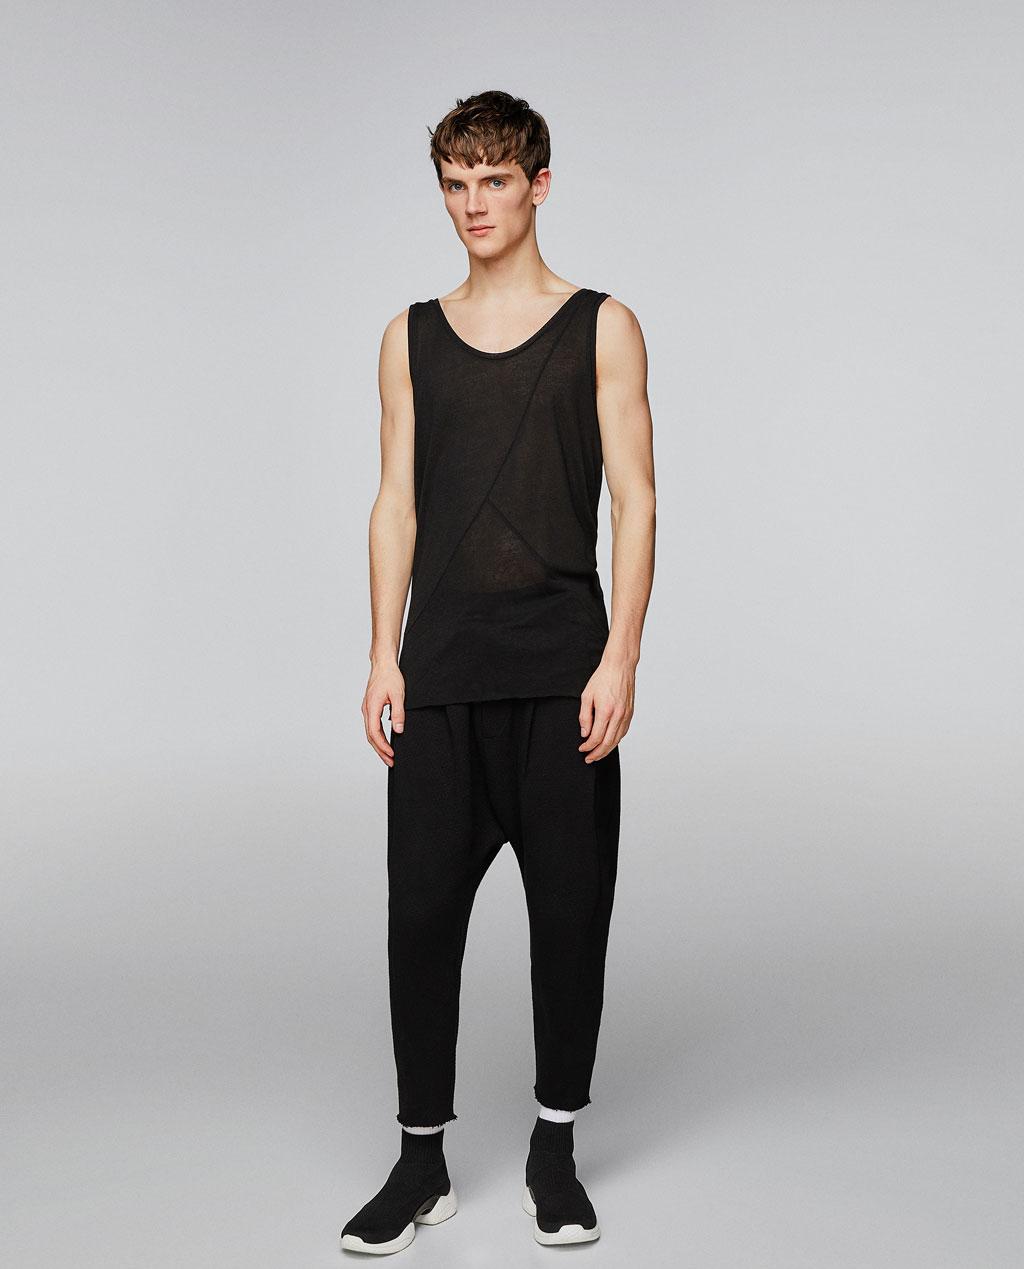 Thời trang nam Zara  23906 - ảnh 3